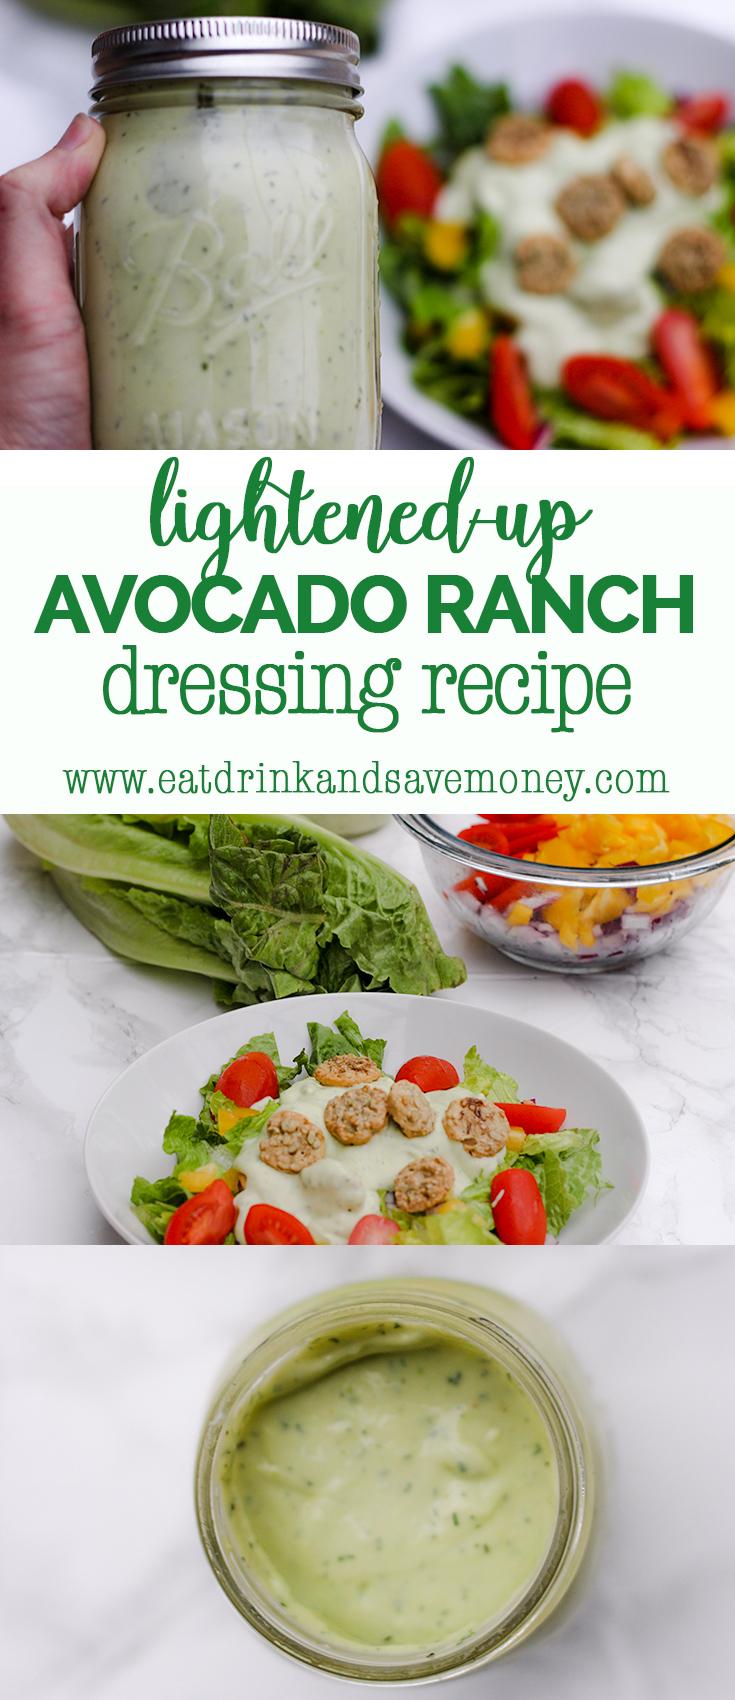 Lightned-up avocado ranch dressing recipe